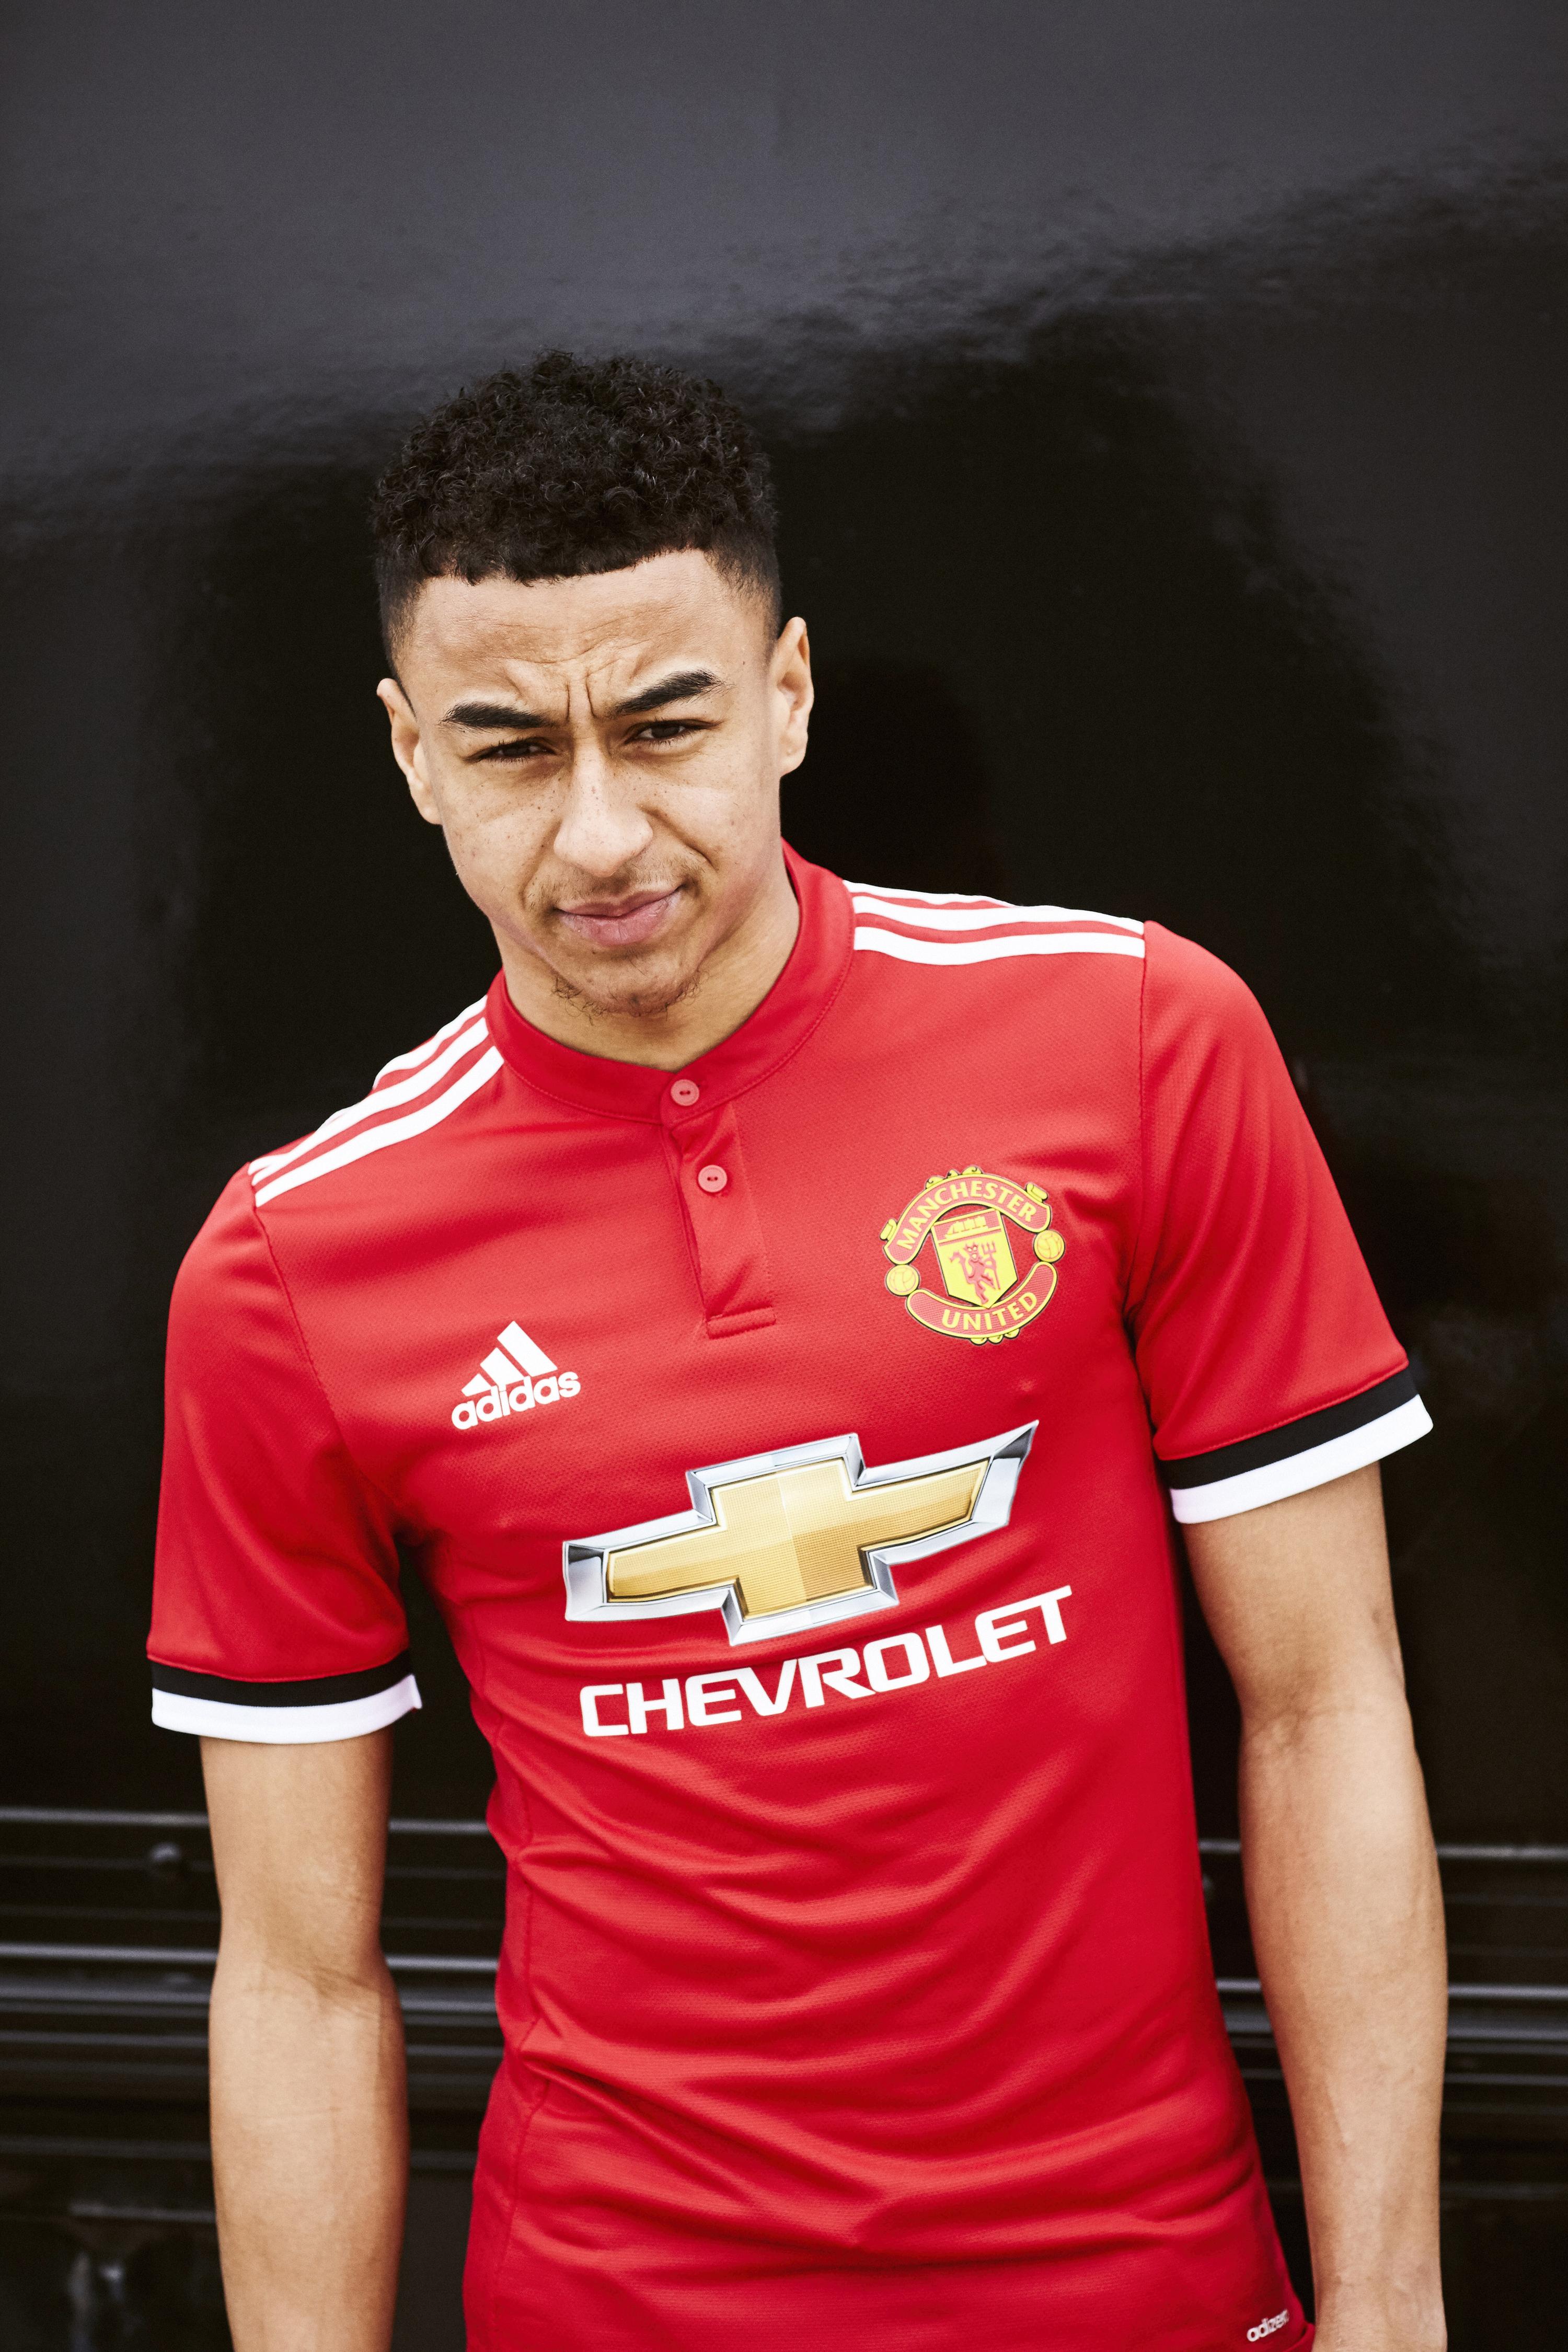 72d0292598 Manchester United apresenta nova camisa 1 e uniforme de goleiro ...